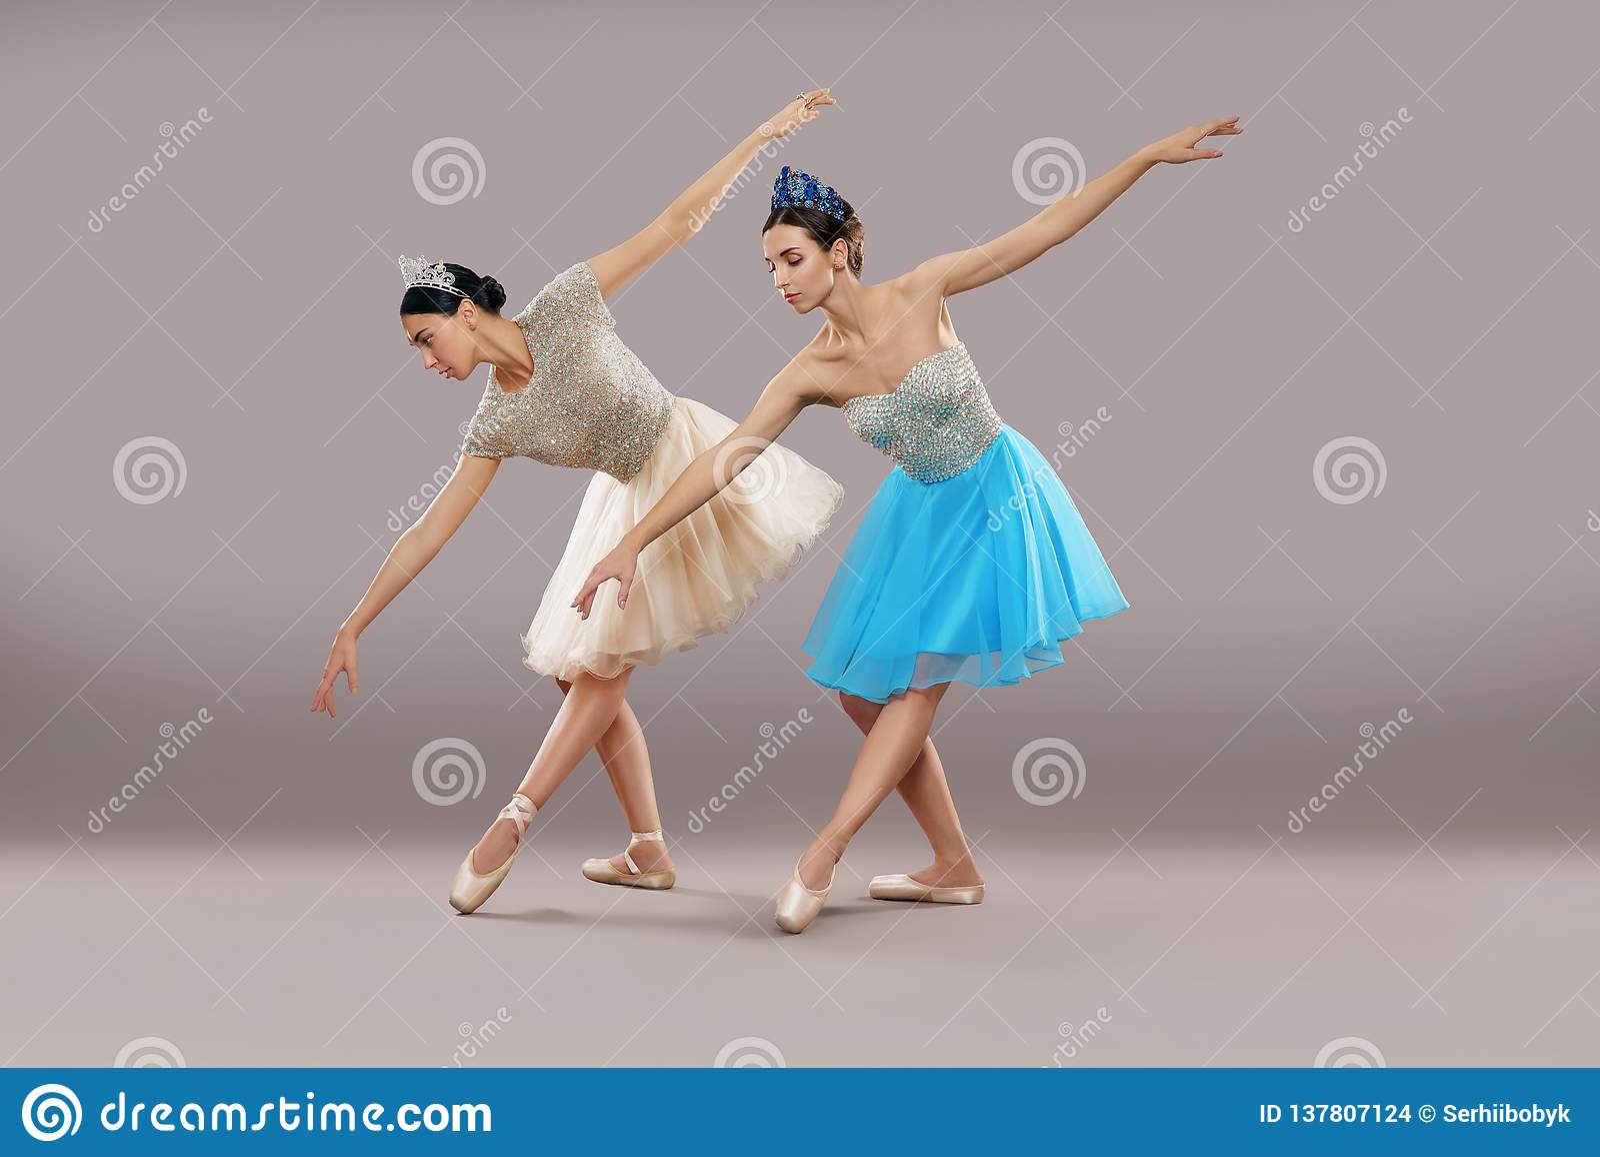 Seitenansicht von zwei Tänzern, die unten in Studio tanzen und verbiegen